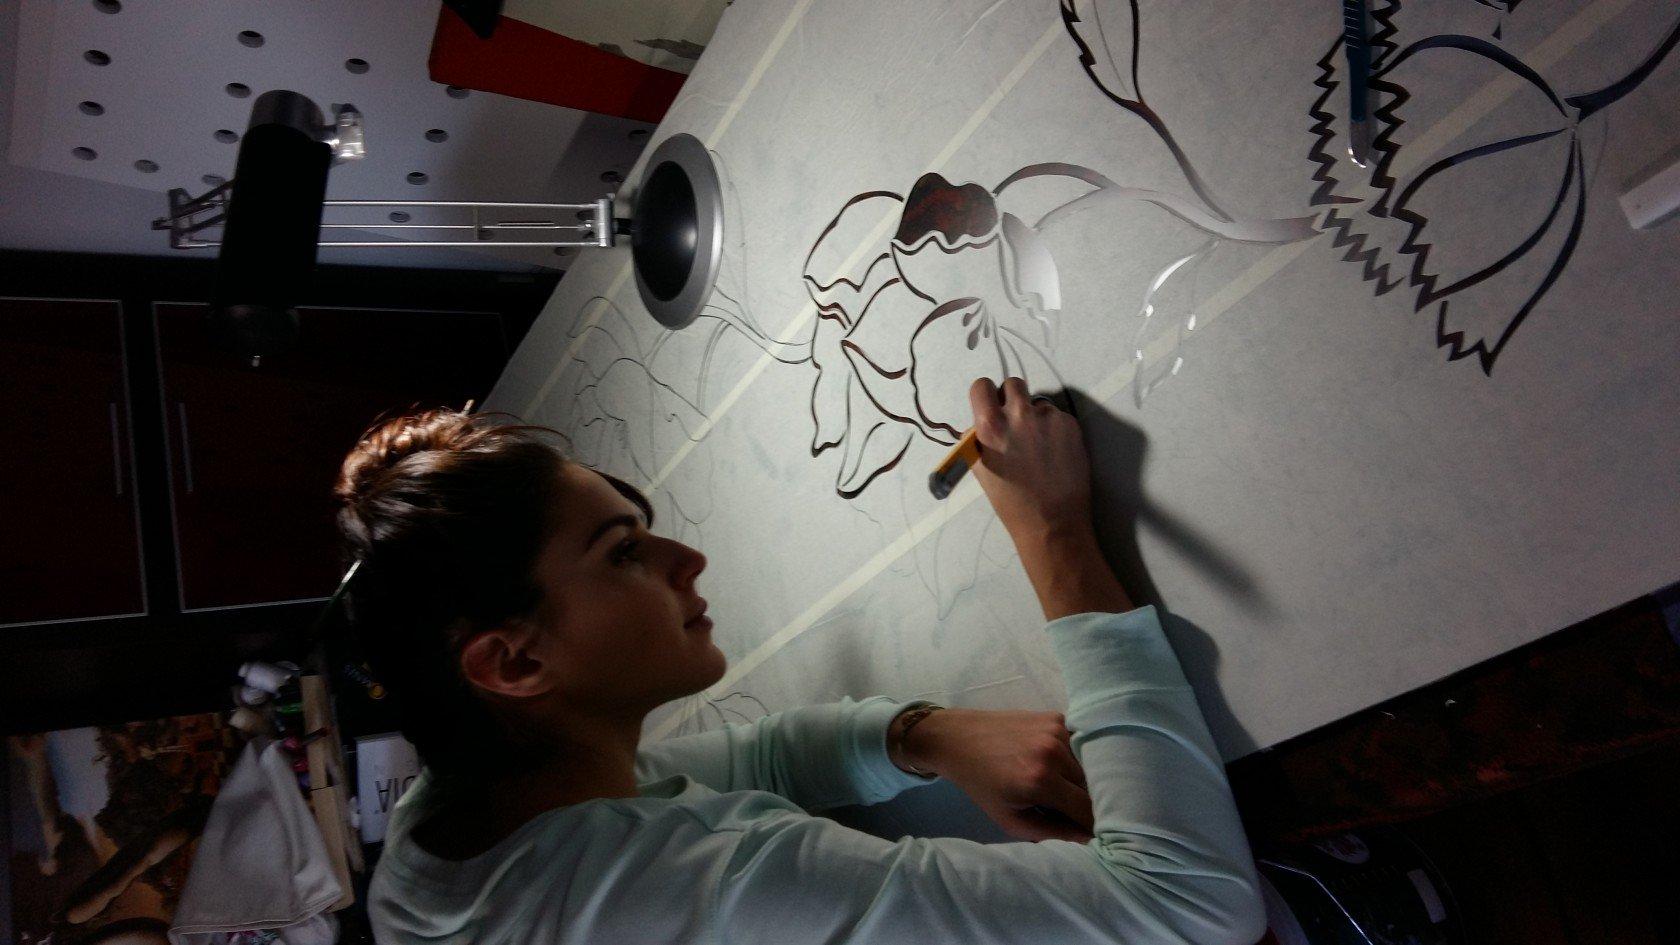 Greche Adesive Per Bagno: Greca muro eBay. Decorazioni e pitture. .